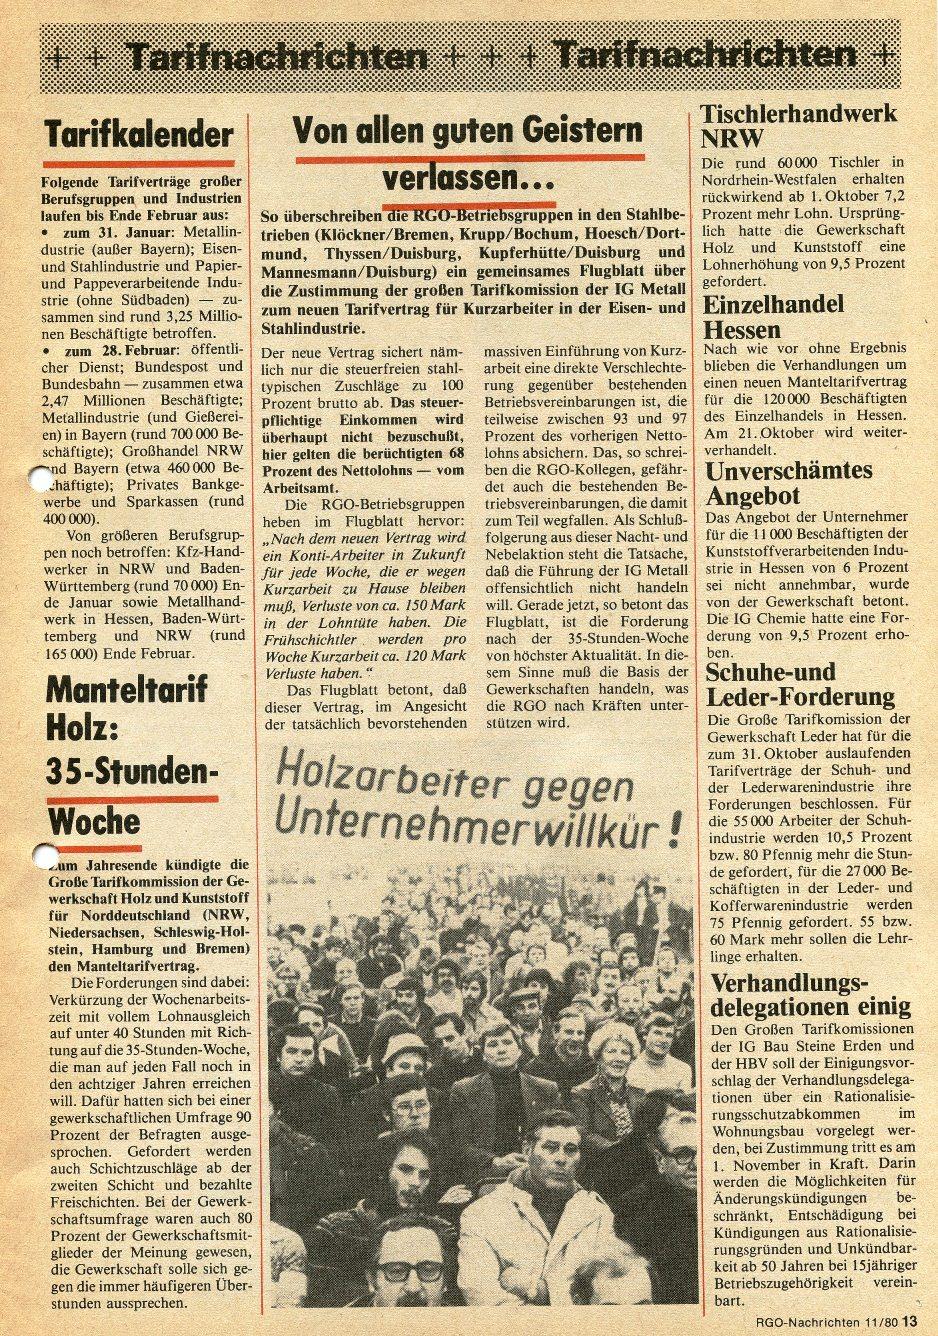 RGO_RGO_Nachrichten_1980_11_13